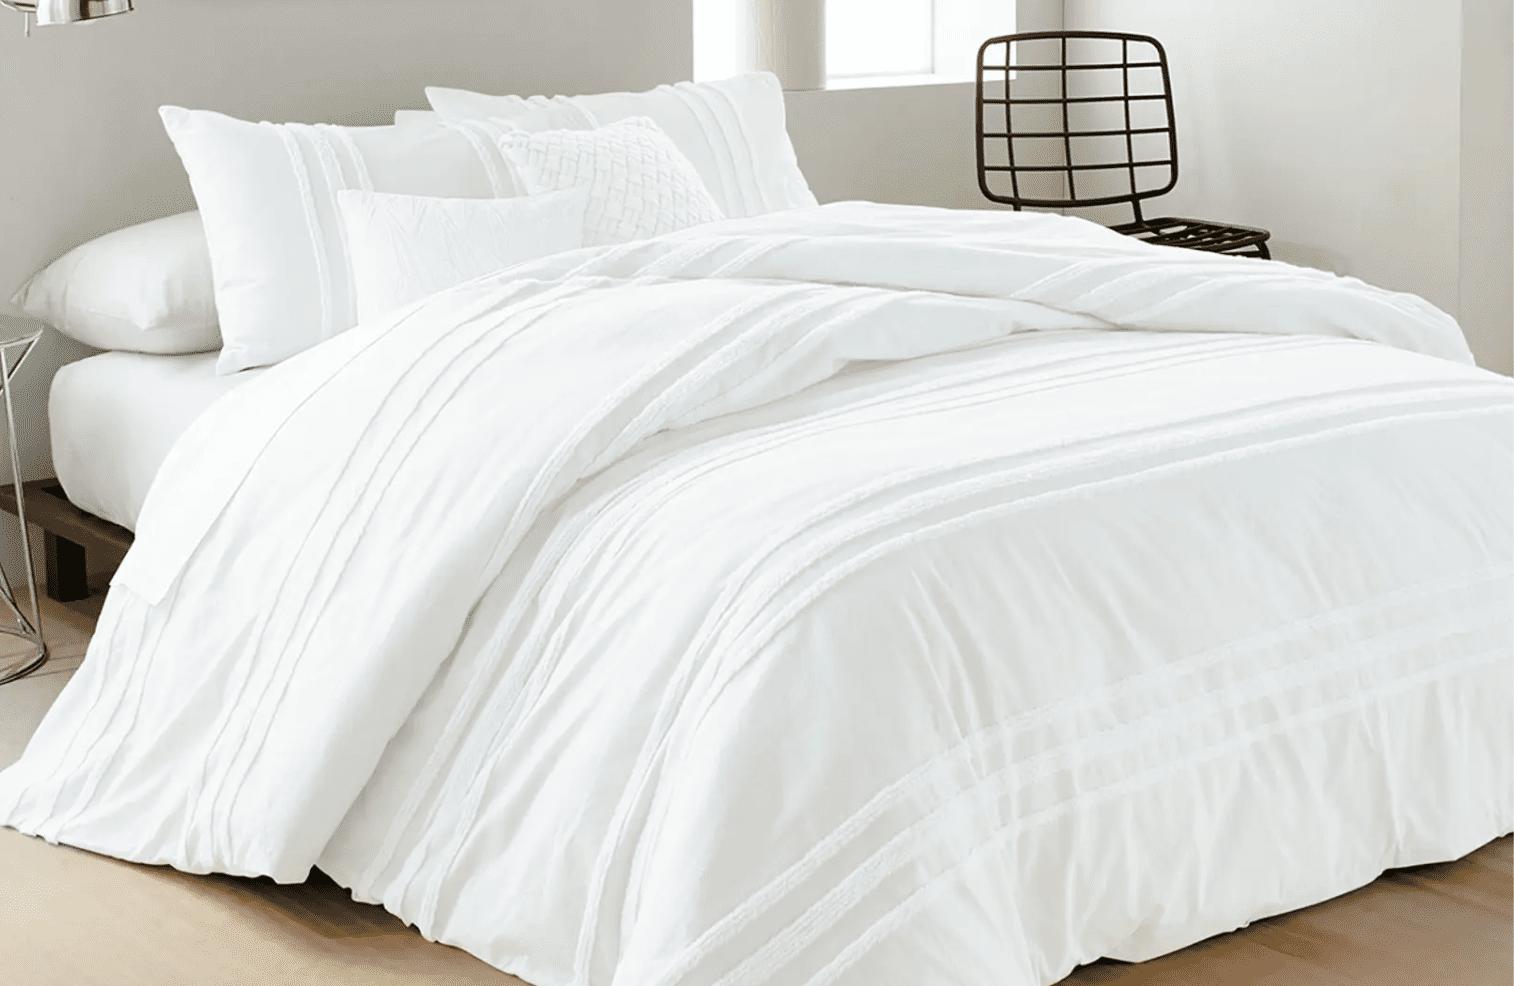 DKNY Chenille Stripe Comforter & Shams Set